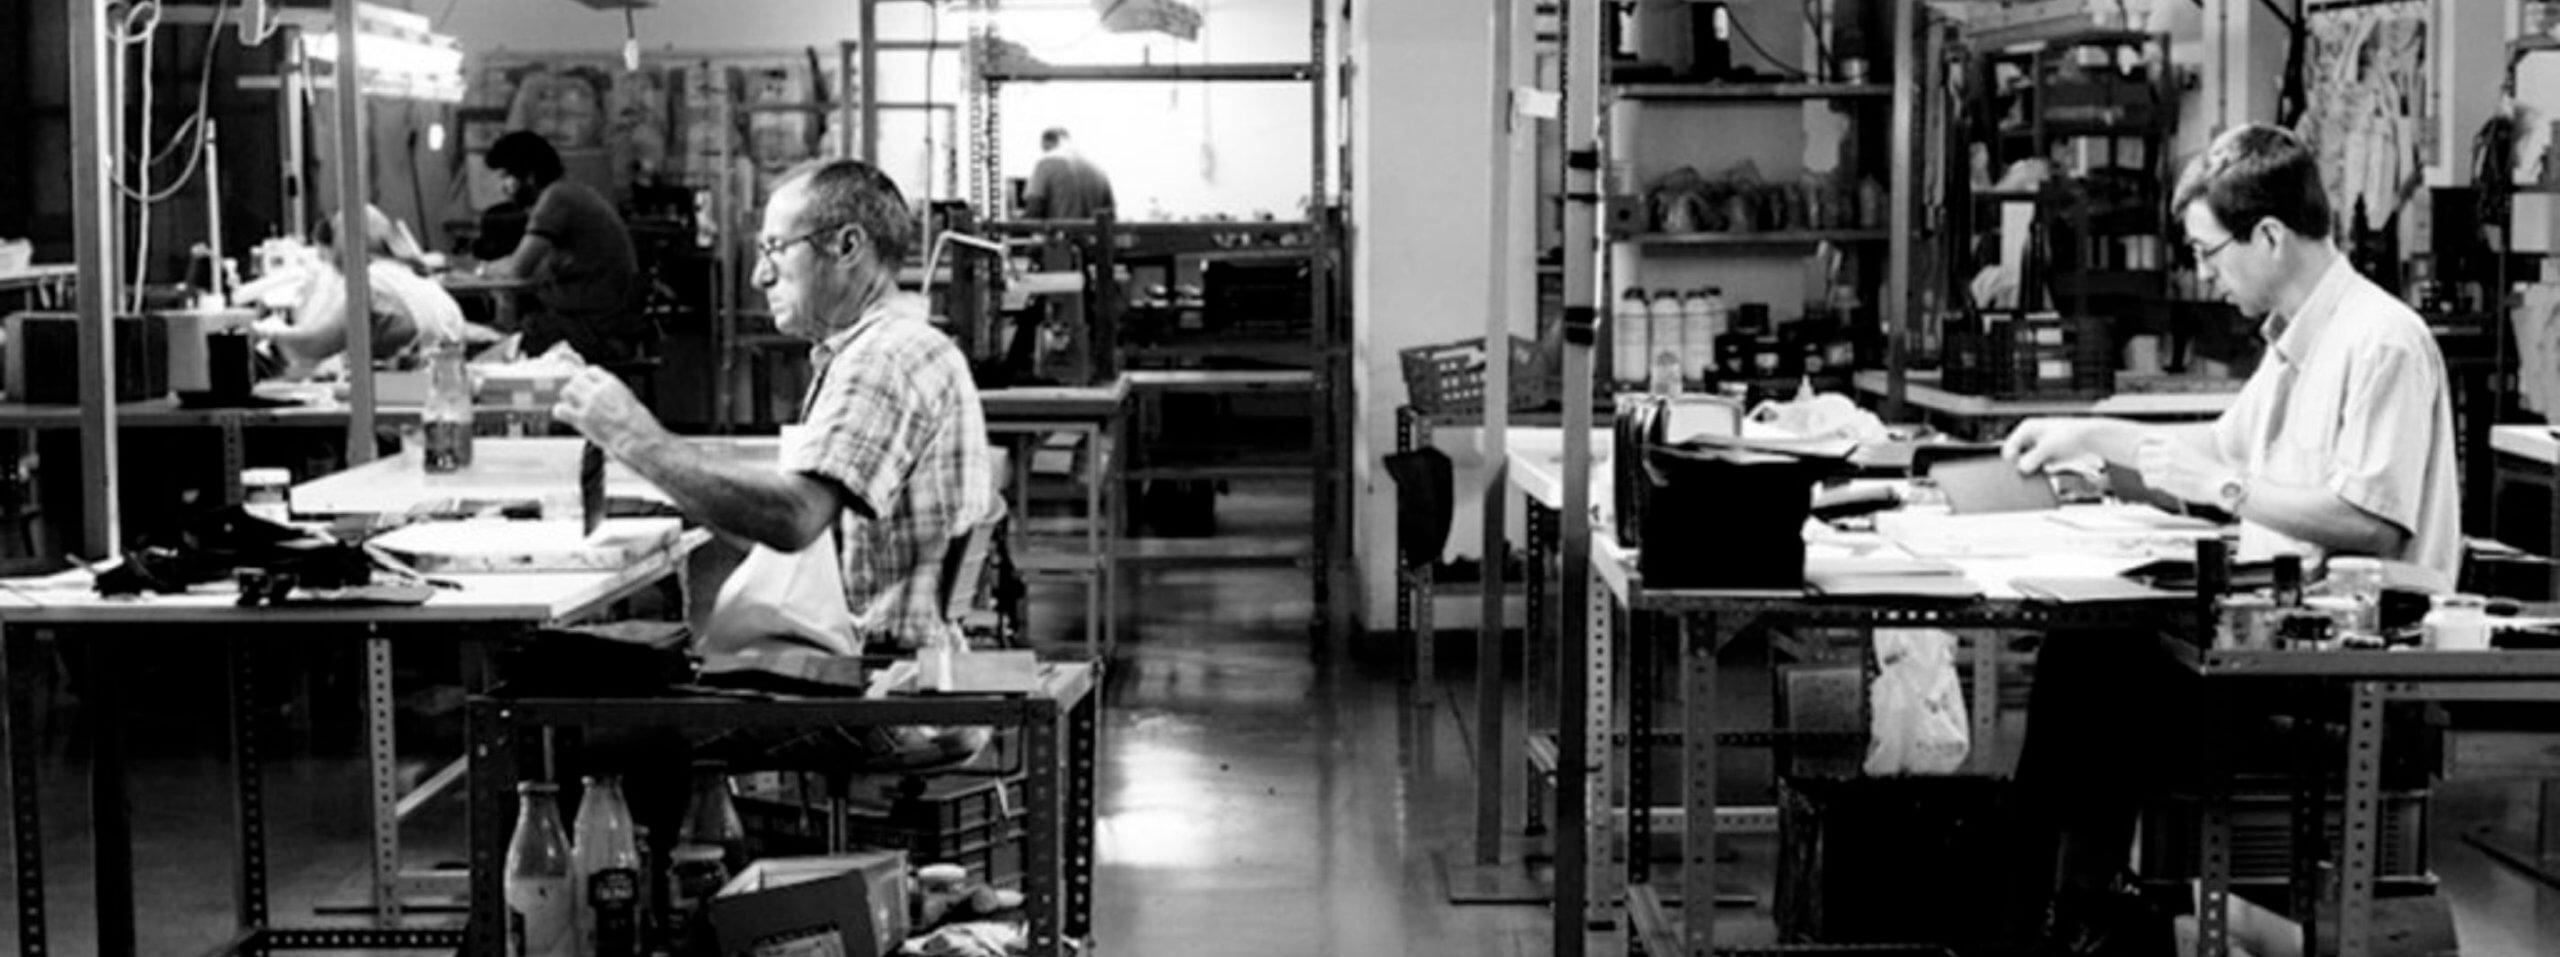 ubrique ville espagnole dont le savoir-faire des artisans est transmis de génération en génération